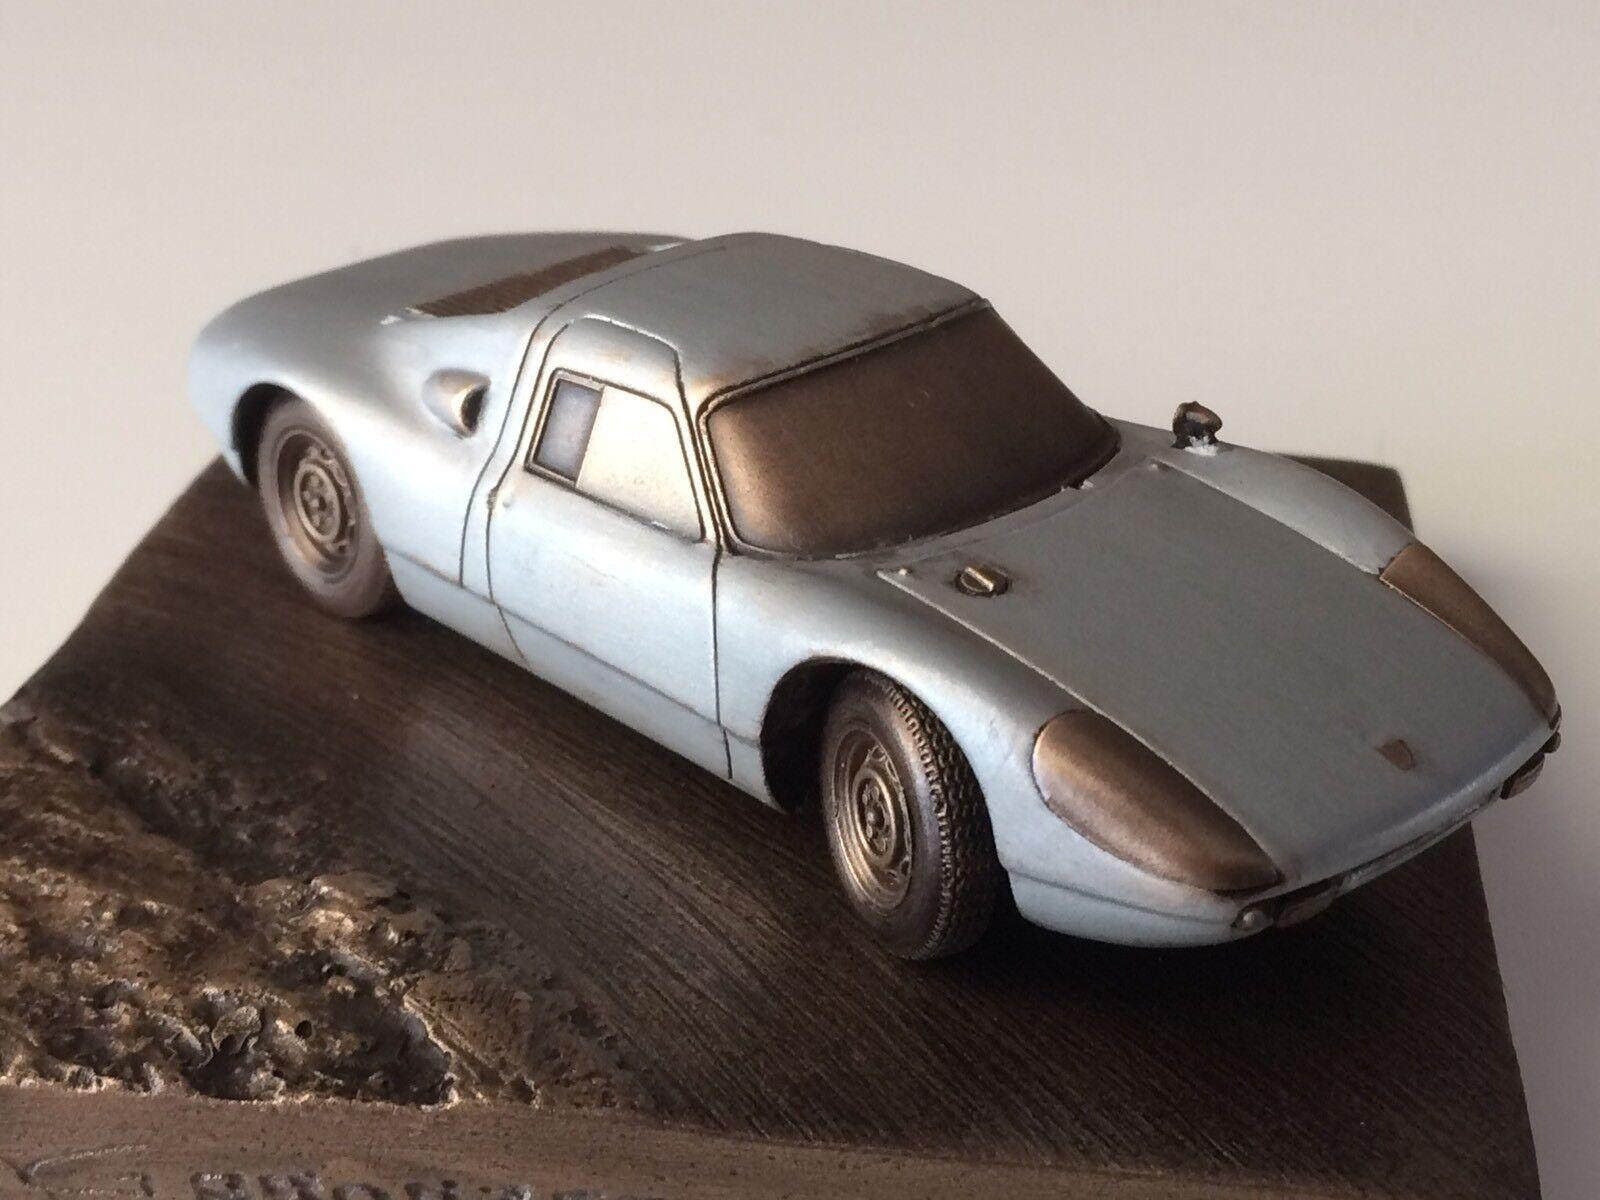 Reproduction en bronze Porsche 904 GTS échelle 1 43 sur socle